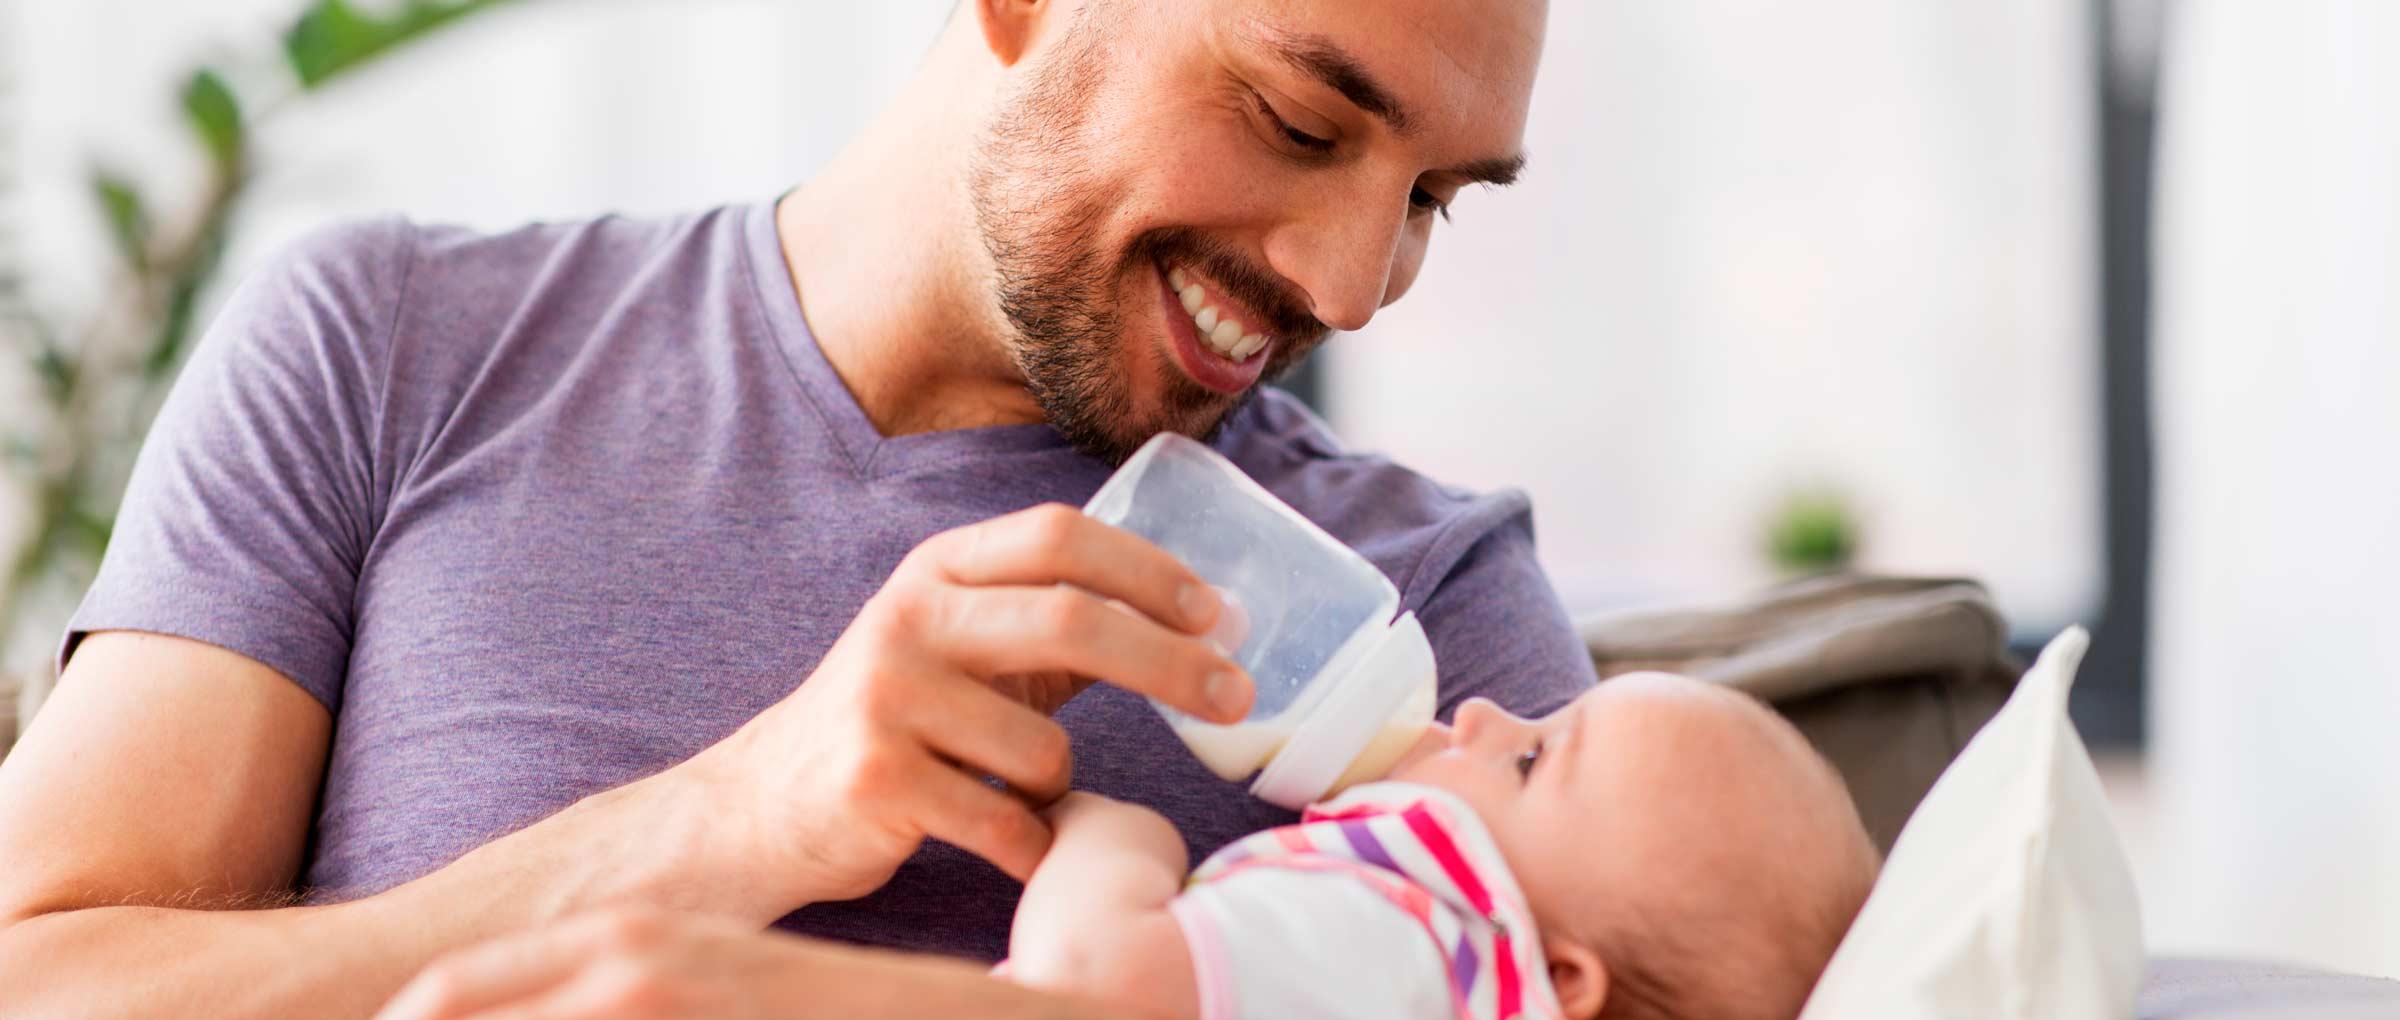 Väter können ebenso ihr Baby mit der Flasche füttern